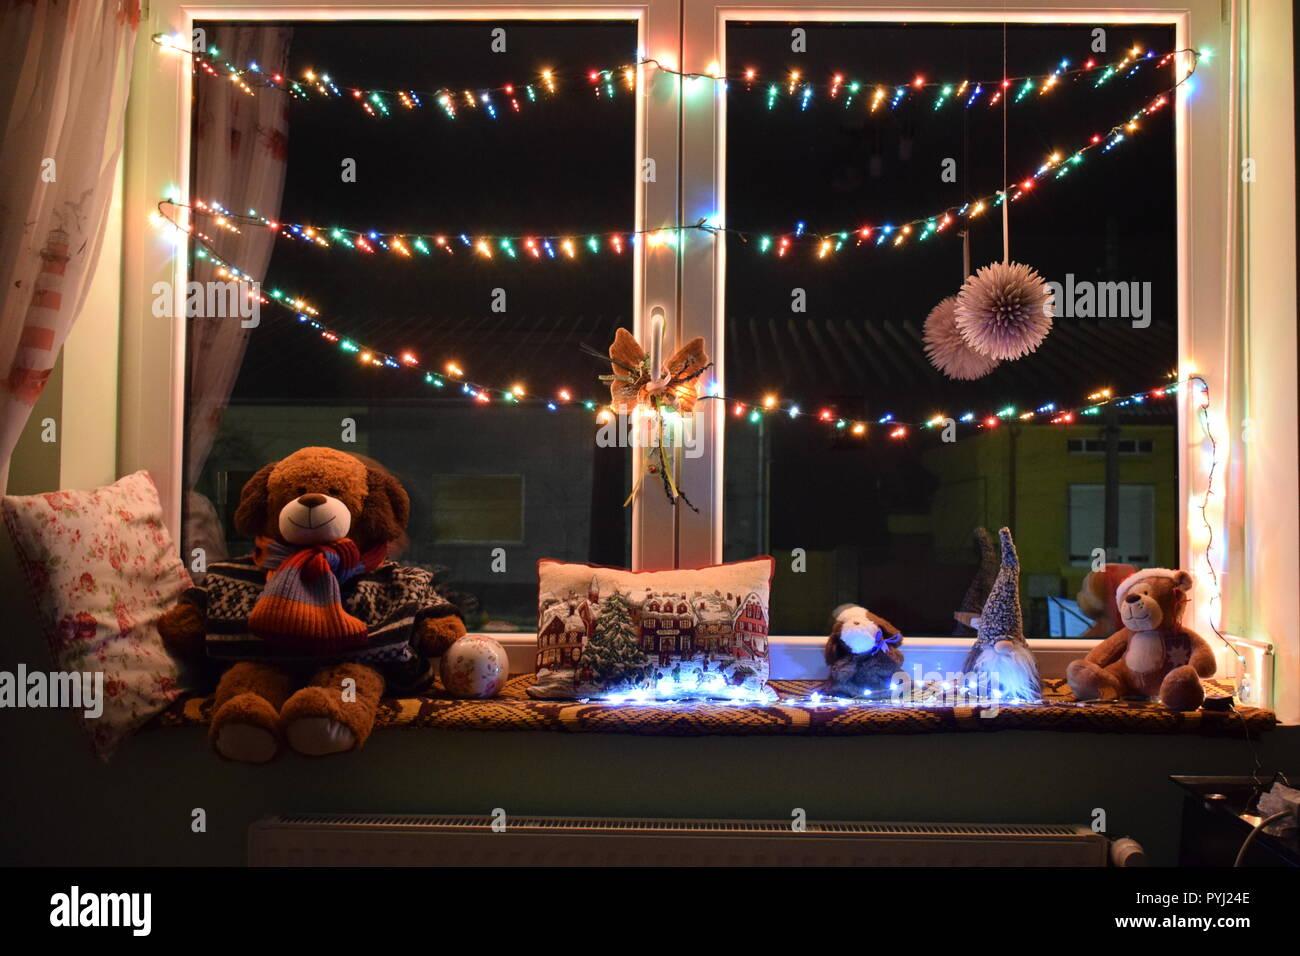 Weihnachten Fenster Mit Lichterketten Und Schonen Snuggly Teddy